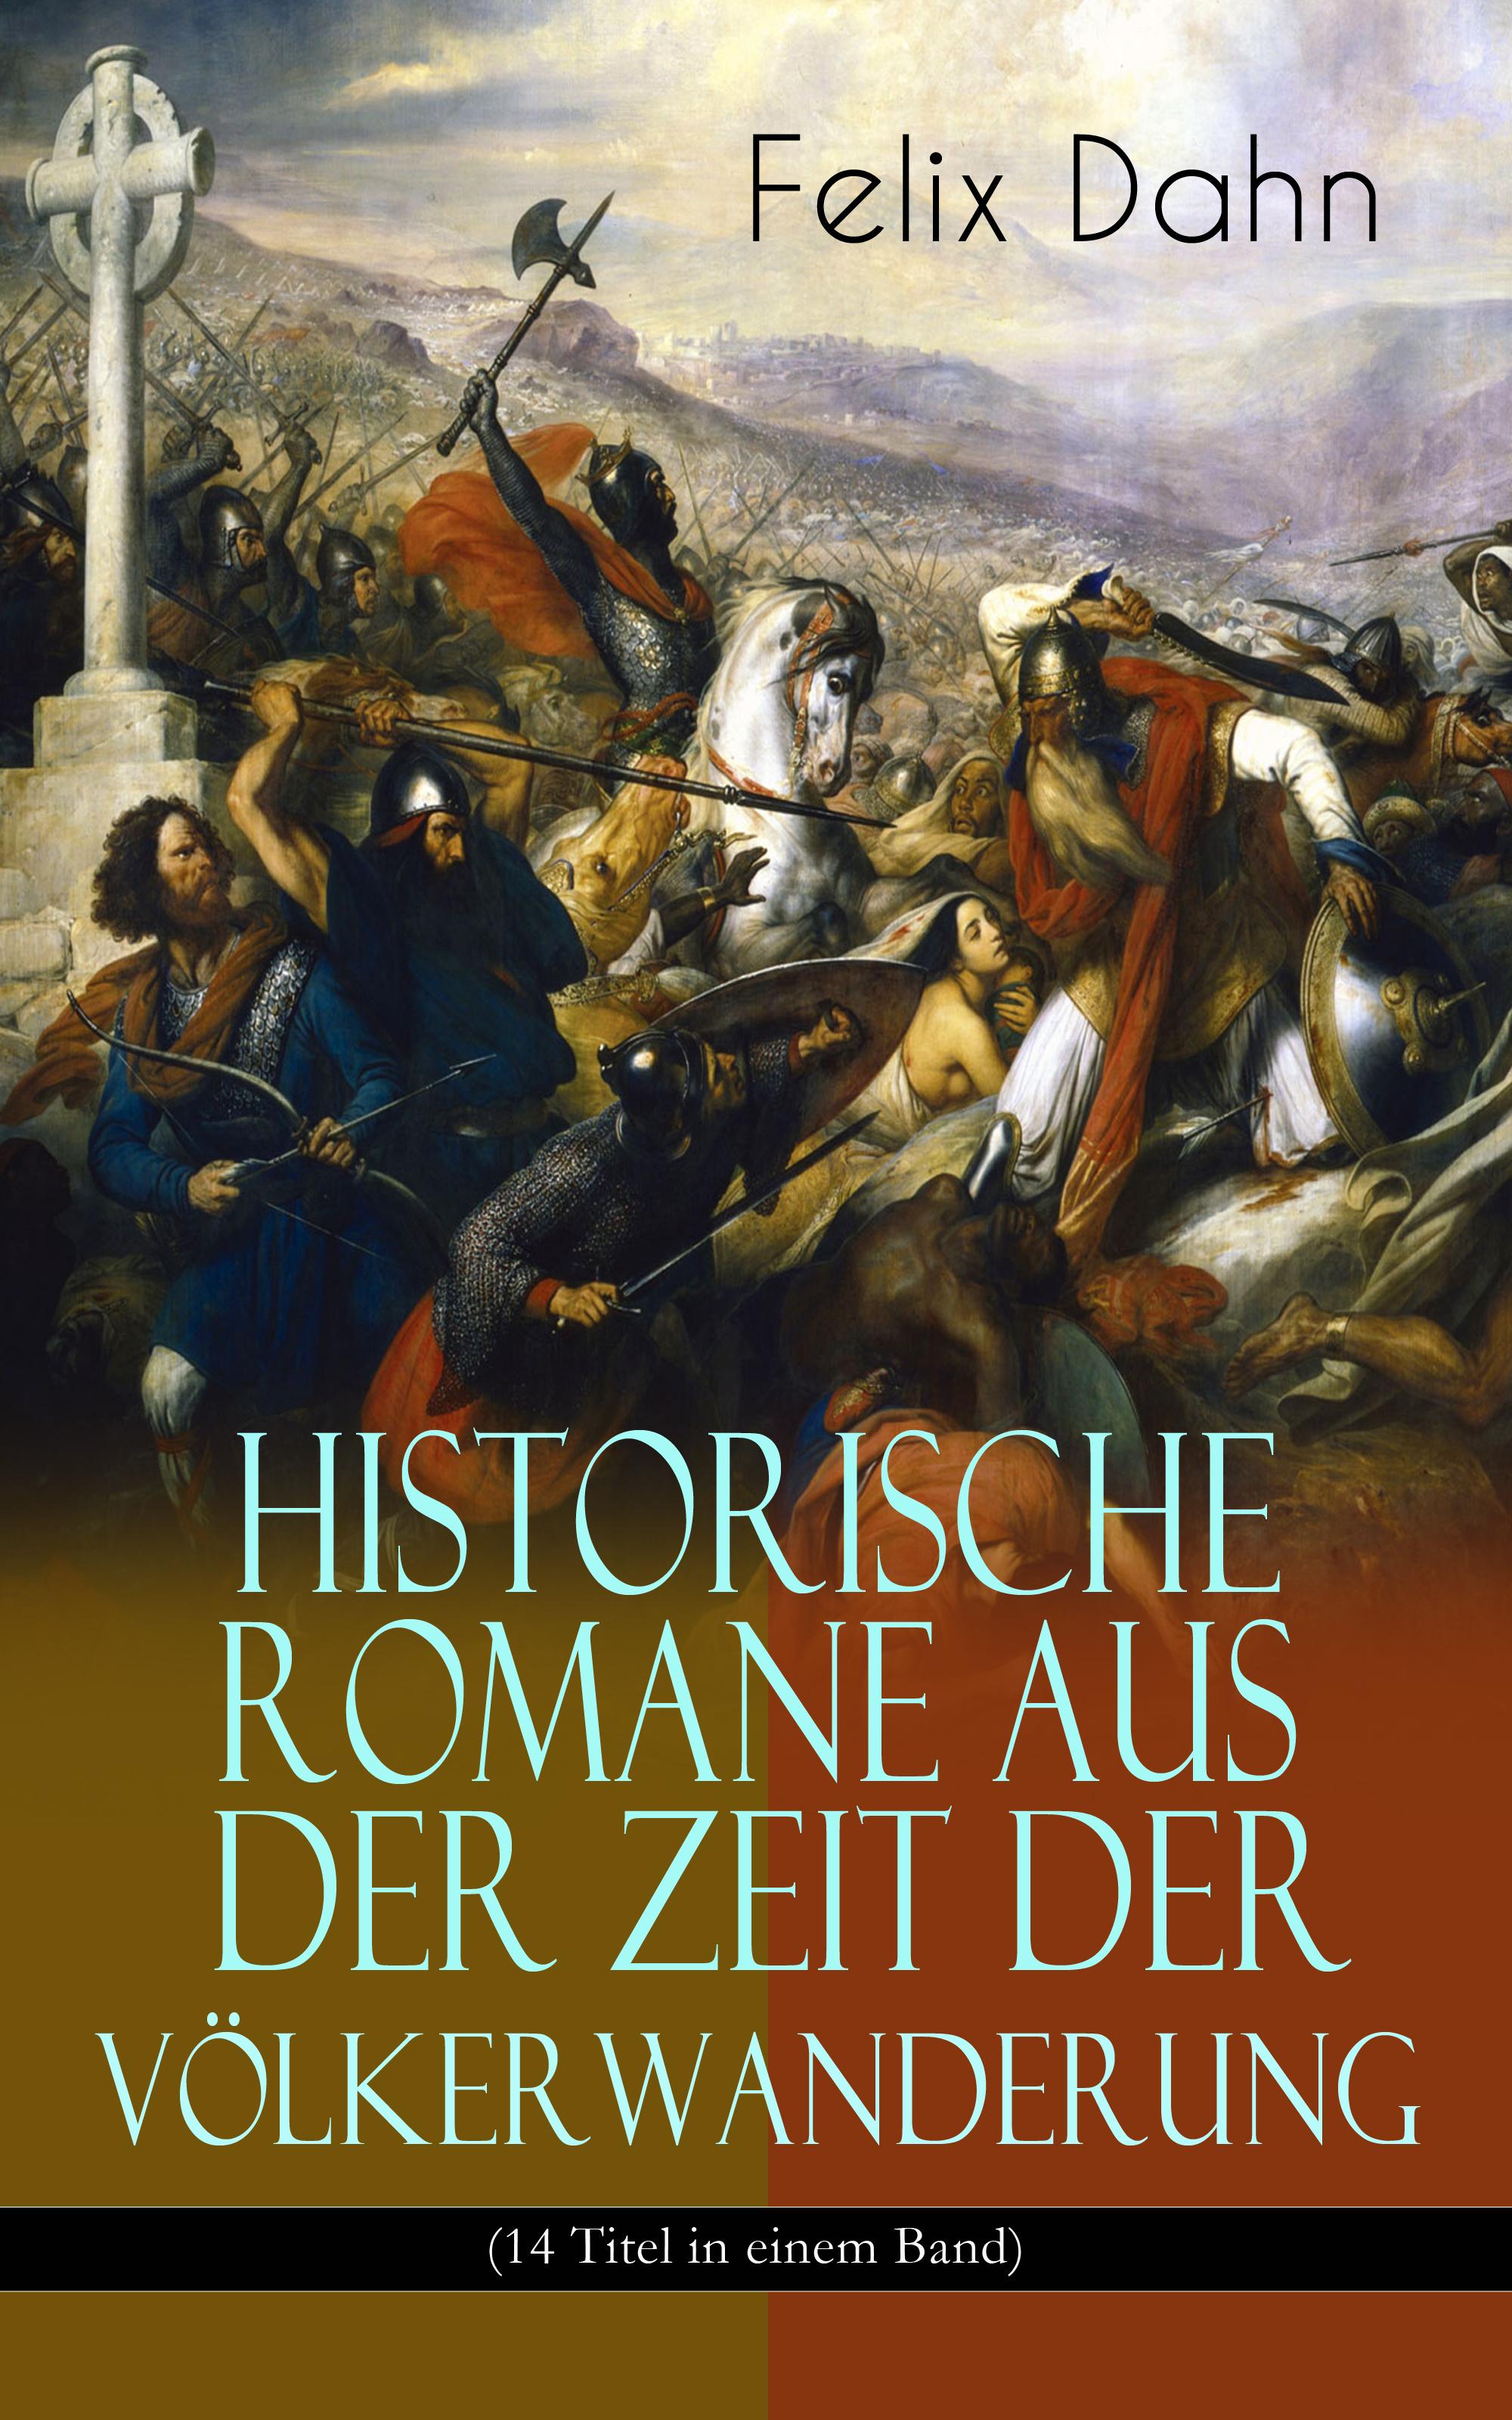 Felix Dahn Historische Romane aus der Zeit der Völkerwanderung (14 Titel in einem Band)